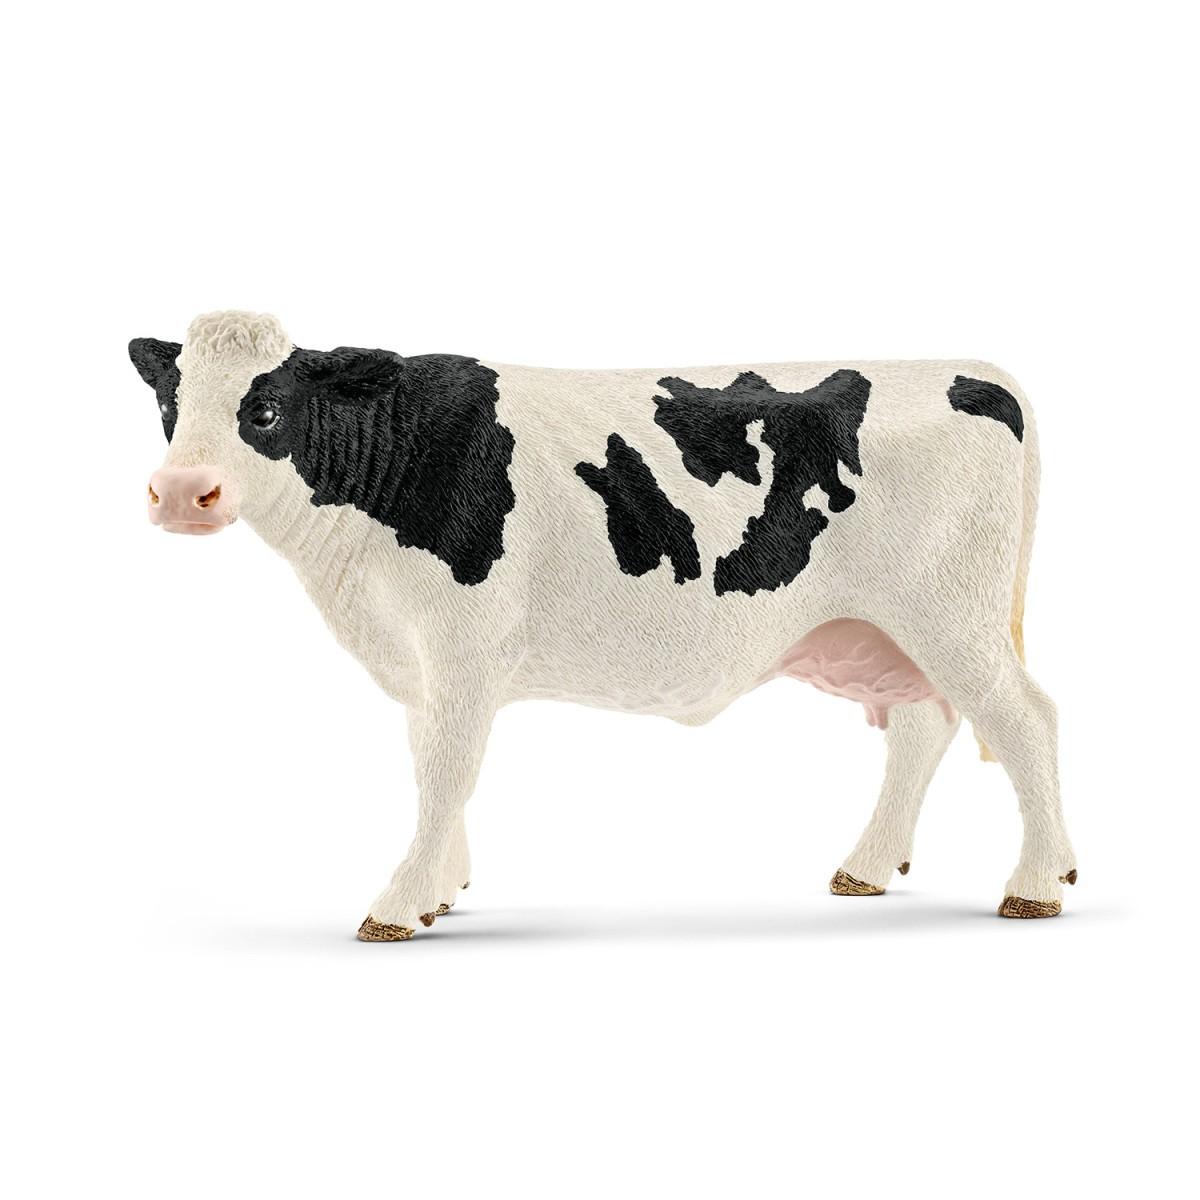 pion シュライヒ Schleich おもちゃ プレゼント 子供 トレンド コレクション 恐竜 超特価SALE開催 動物 ギフト 974 13797 ホルスタイン牛 メス ラッピング